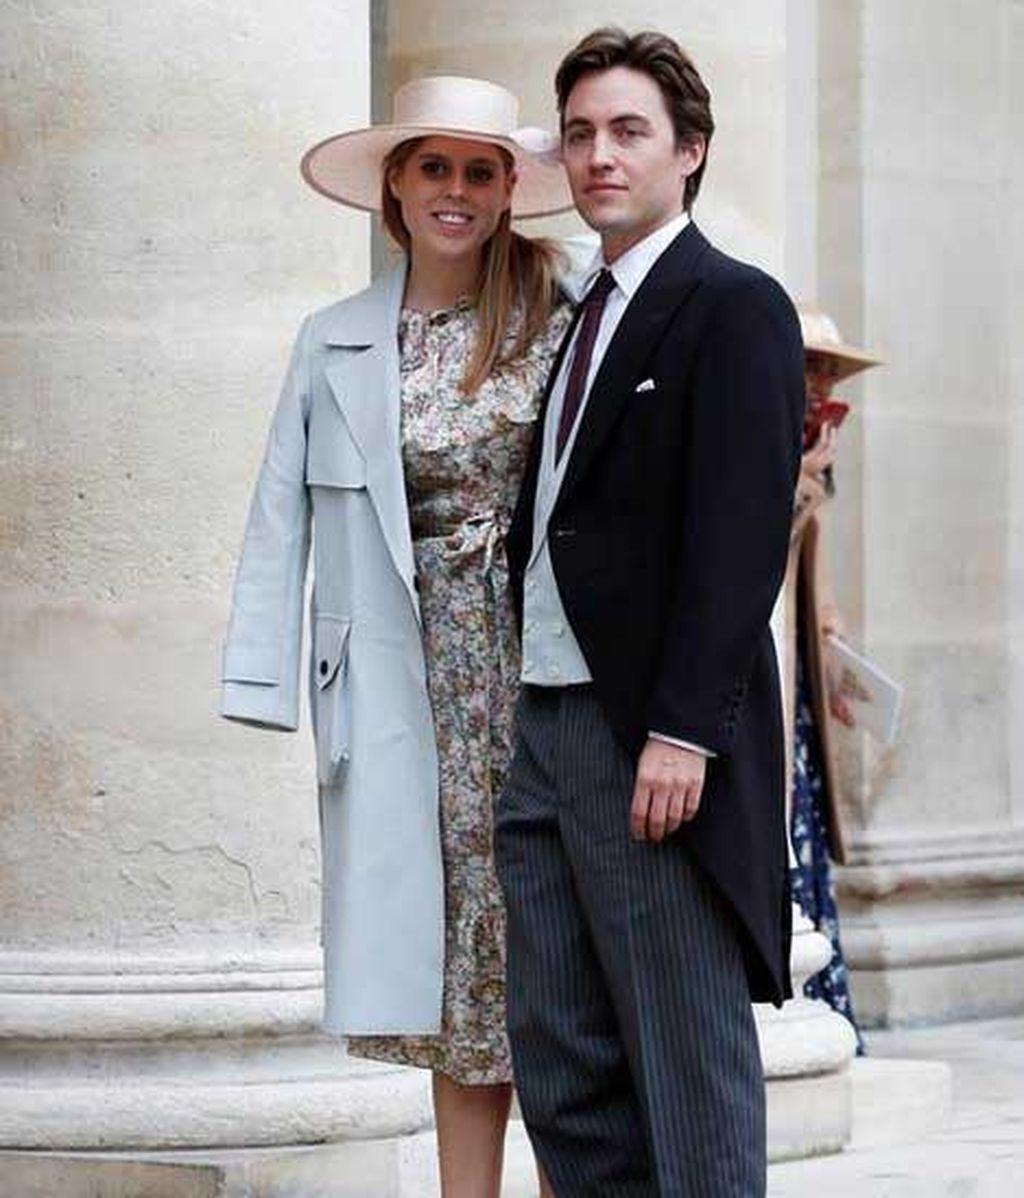 Beatriz de York y Edoardo Mapelli, en una boda en París (Octubre, 2019)